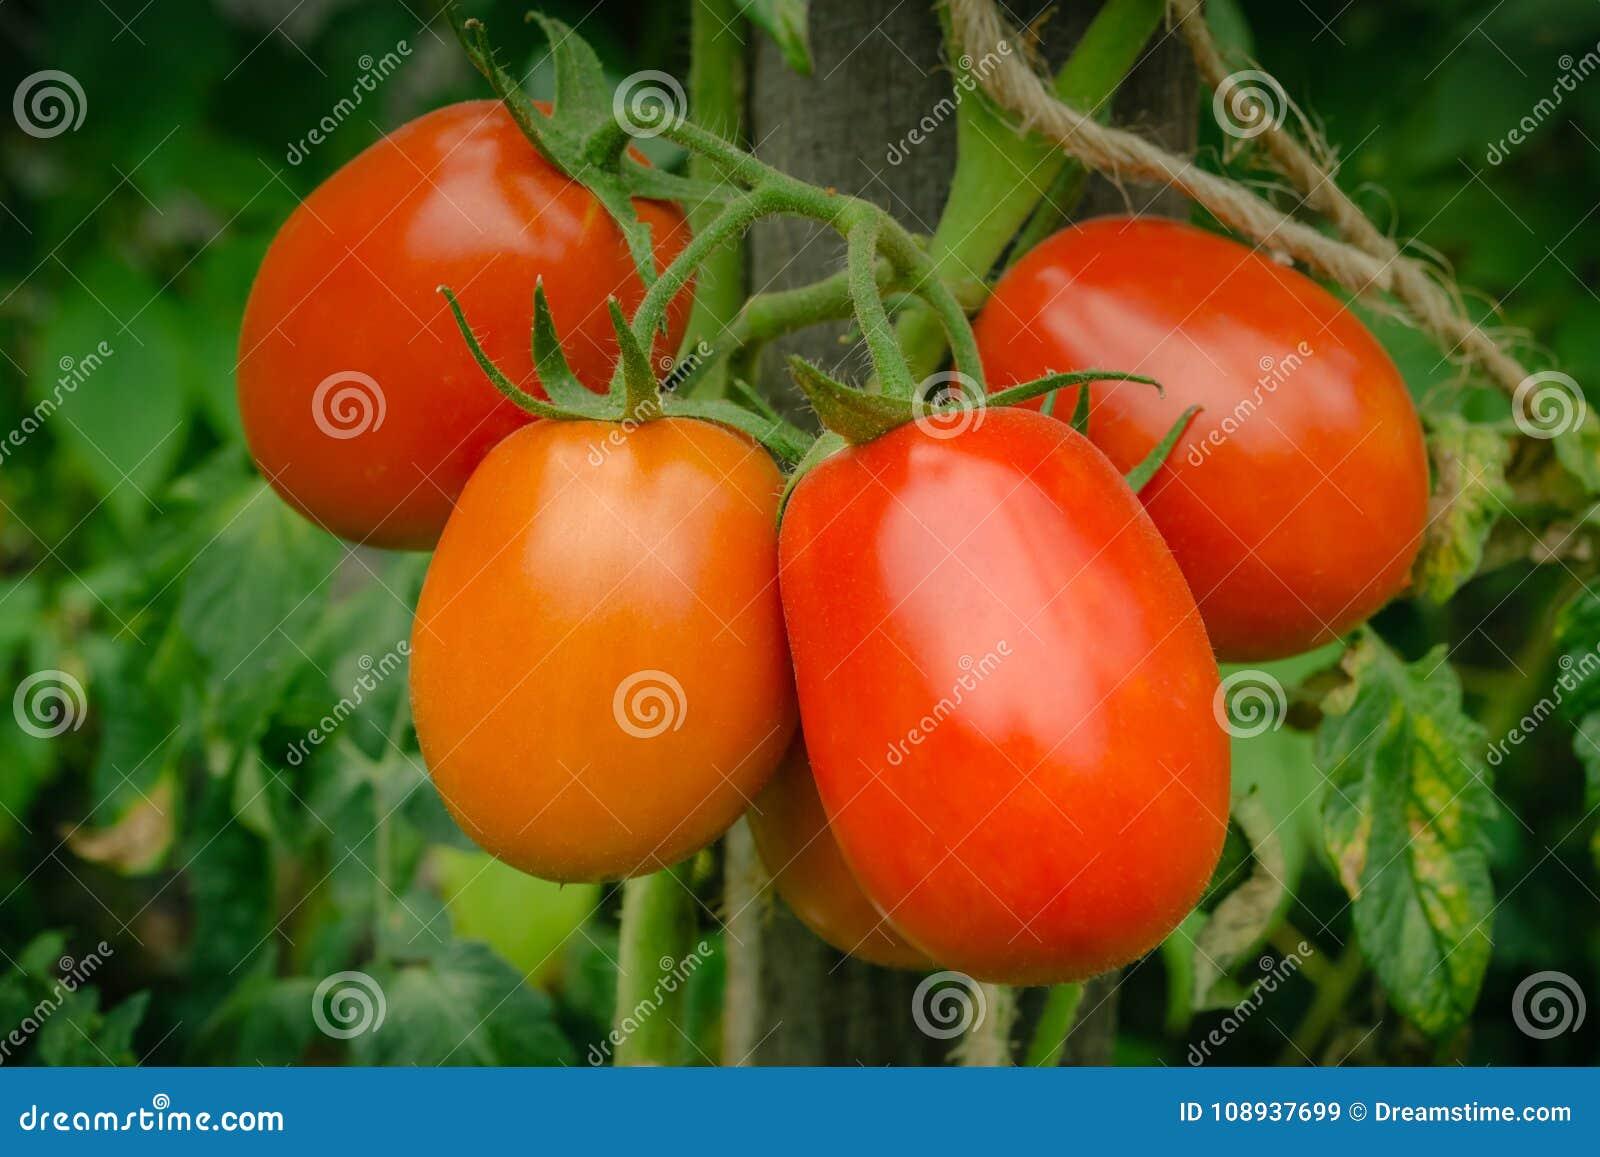 Φυσική ντομάτα από έναν θάμνο